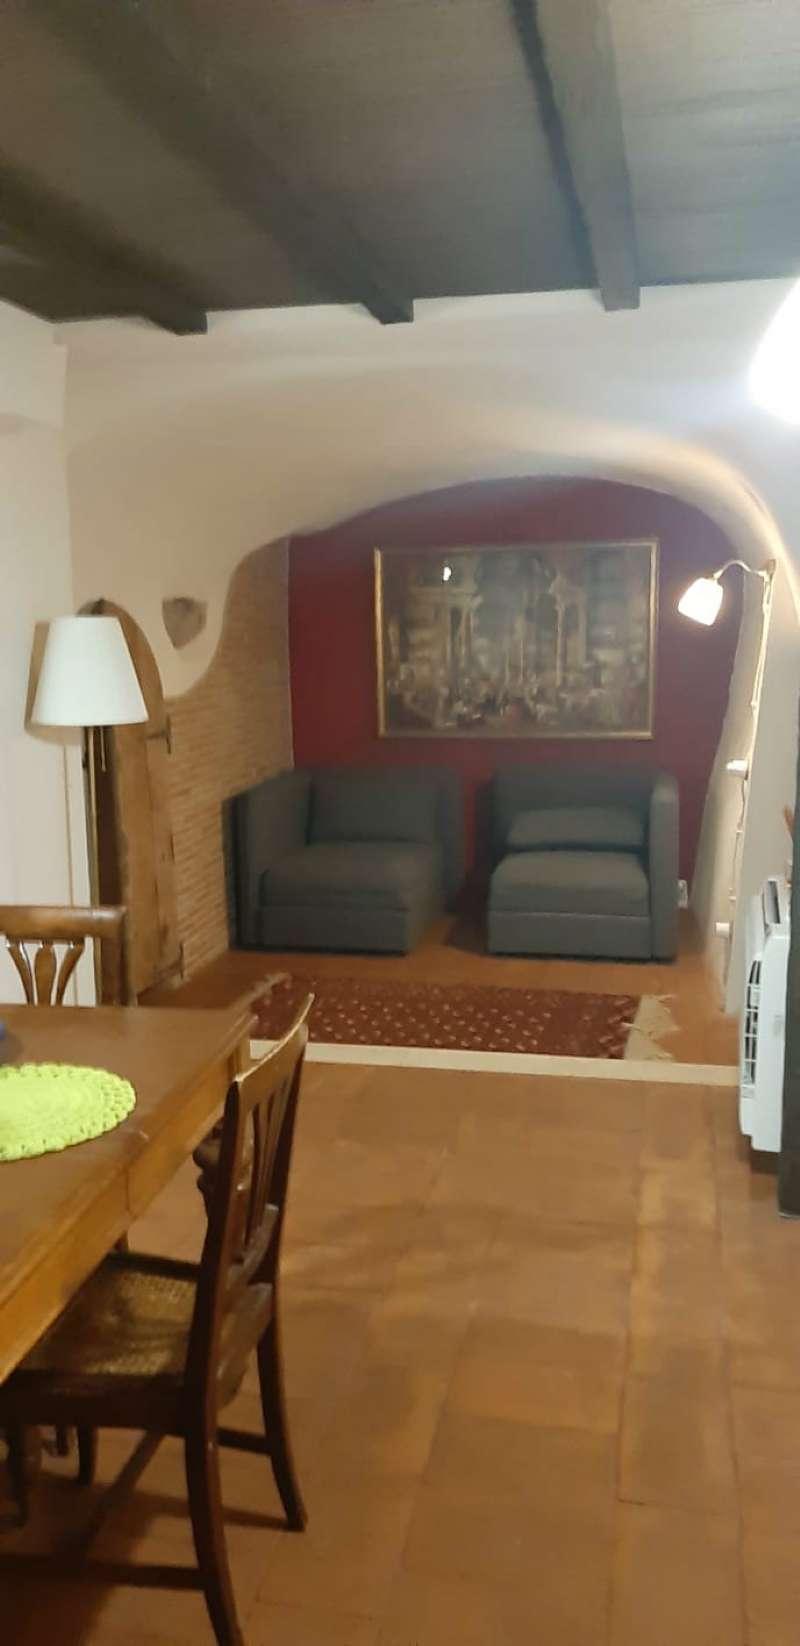 Appartamento in vendita a Roma, 2 locali, zona Zona: 1 . Centro storico, prezzo € 190.000 | CambioCasa.it